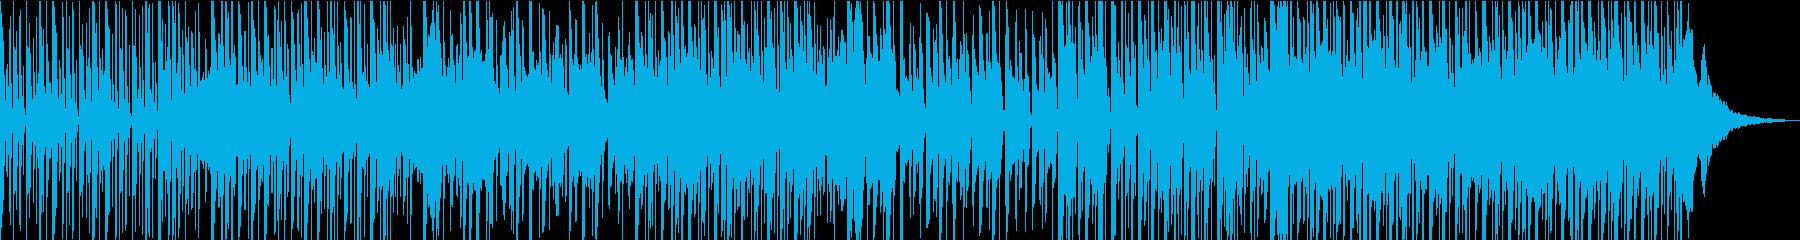 しっとりとした気持ちになるラテン風レゲエの再生済みの波形